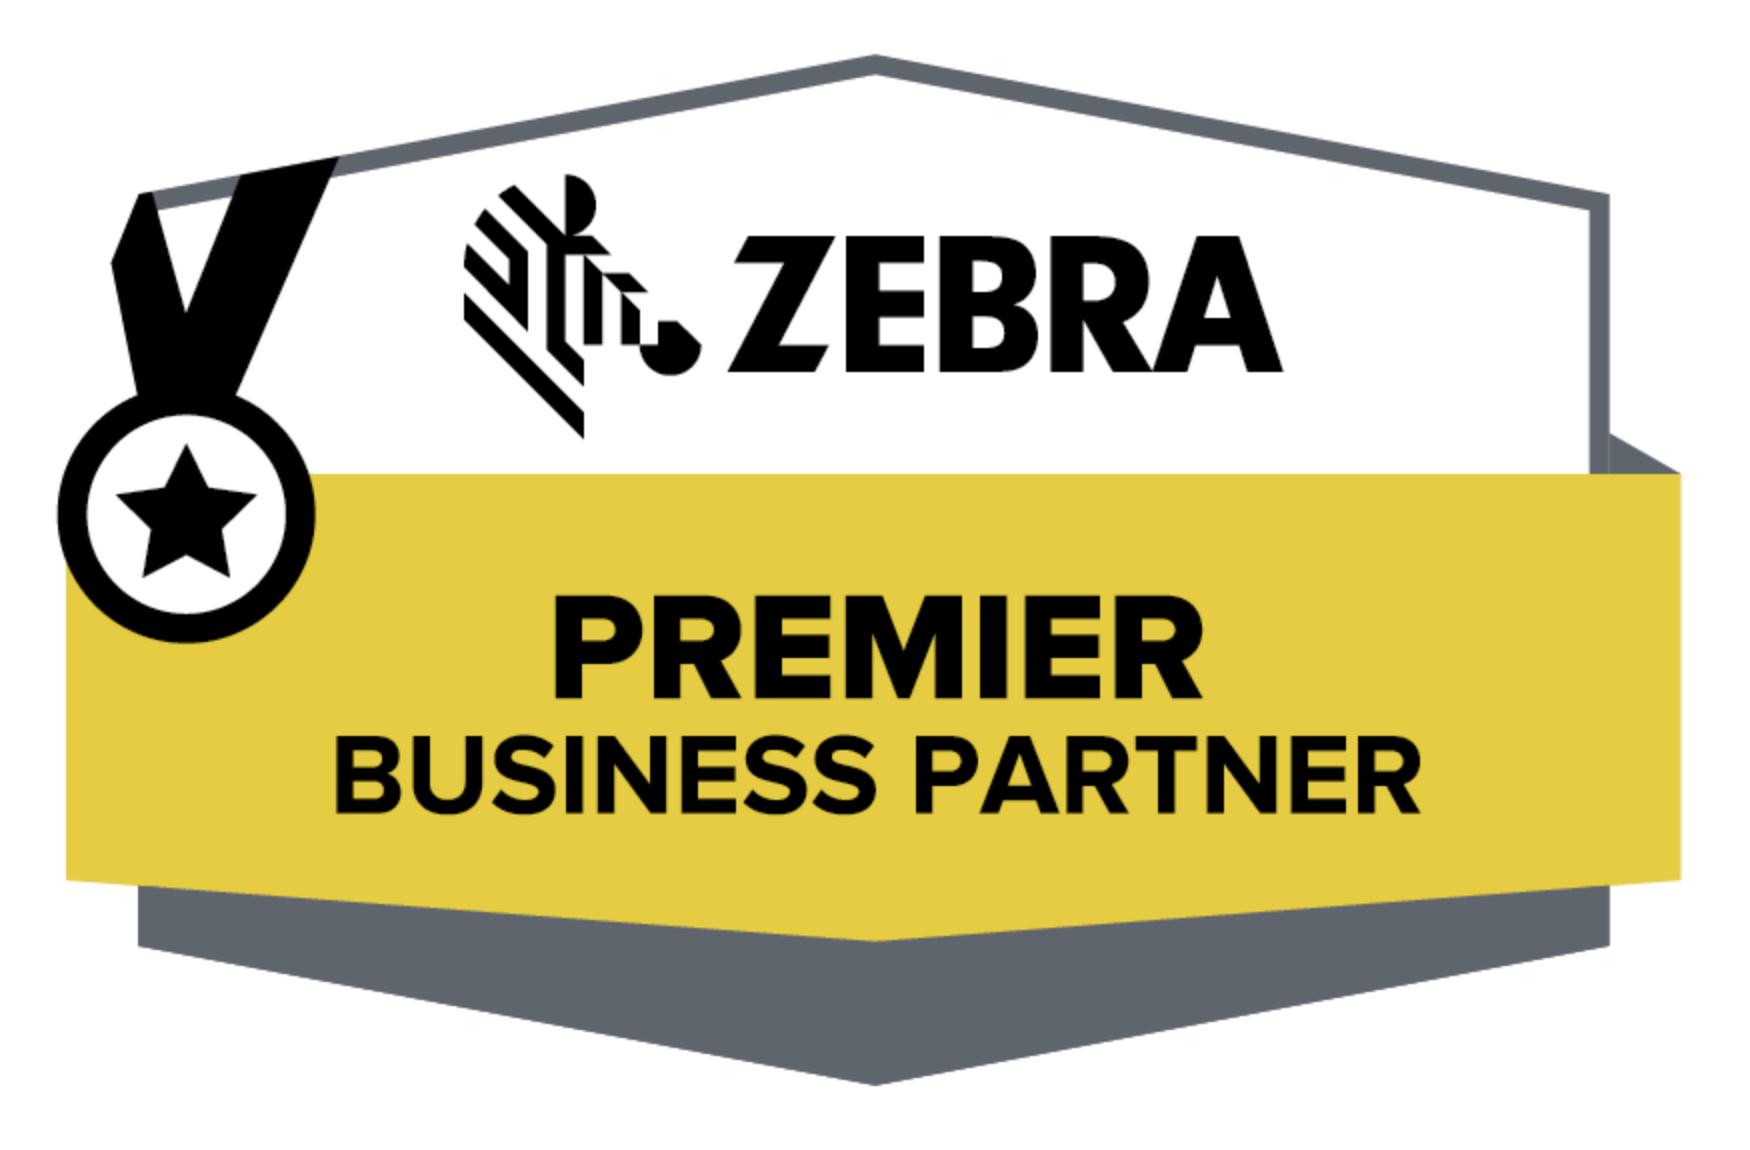 zebra-pemier-business-partner.png